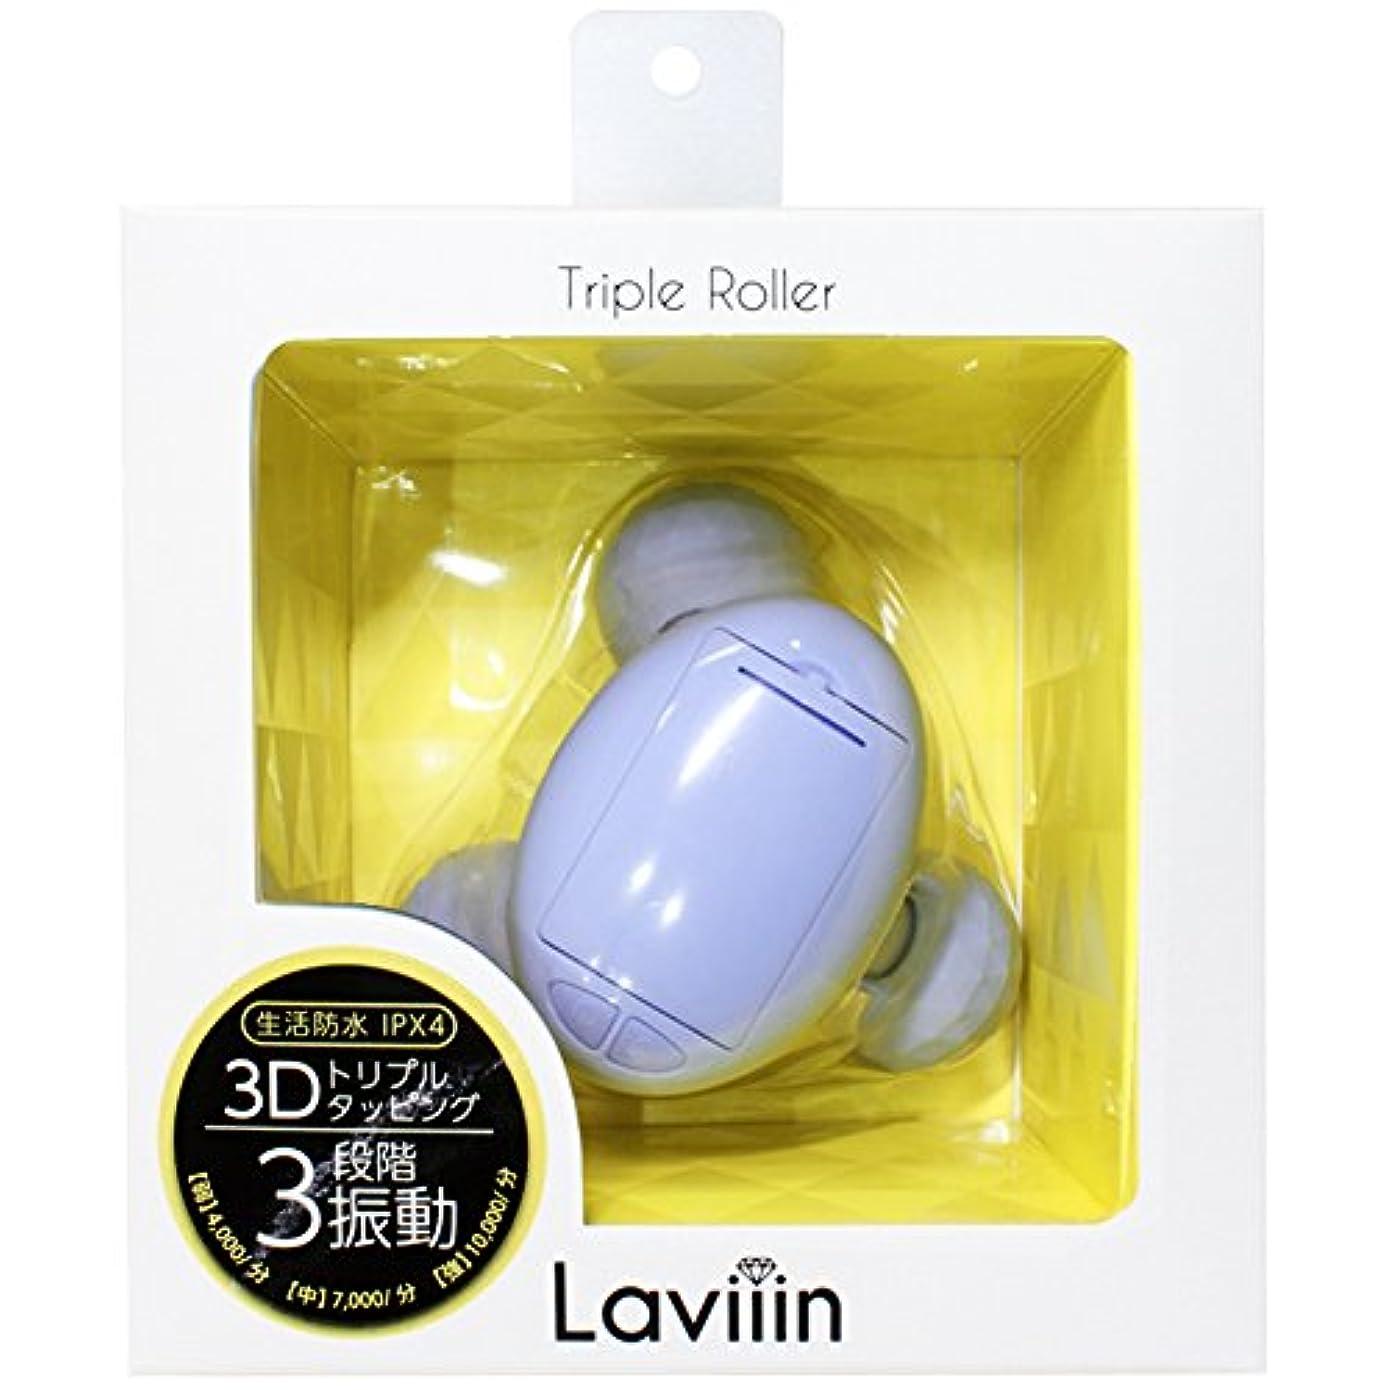 視聴者学期机Laviiin トリプルローラー TR03 (ミルキーラベンダー)